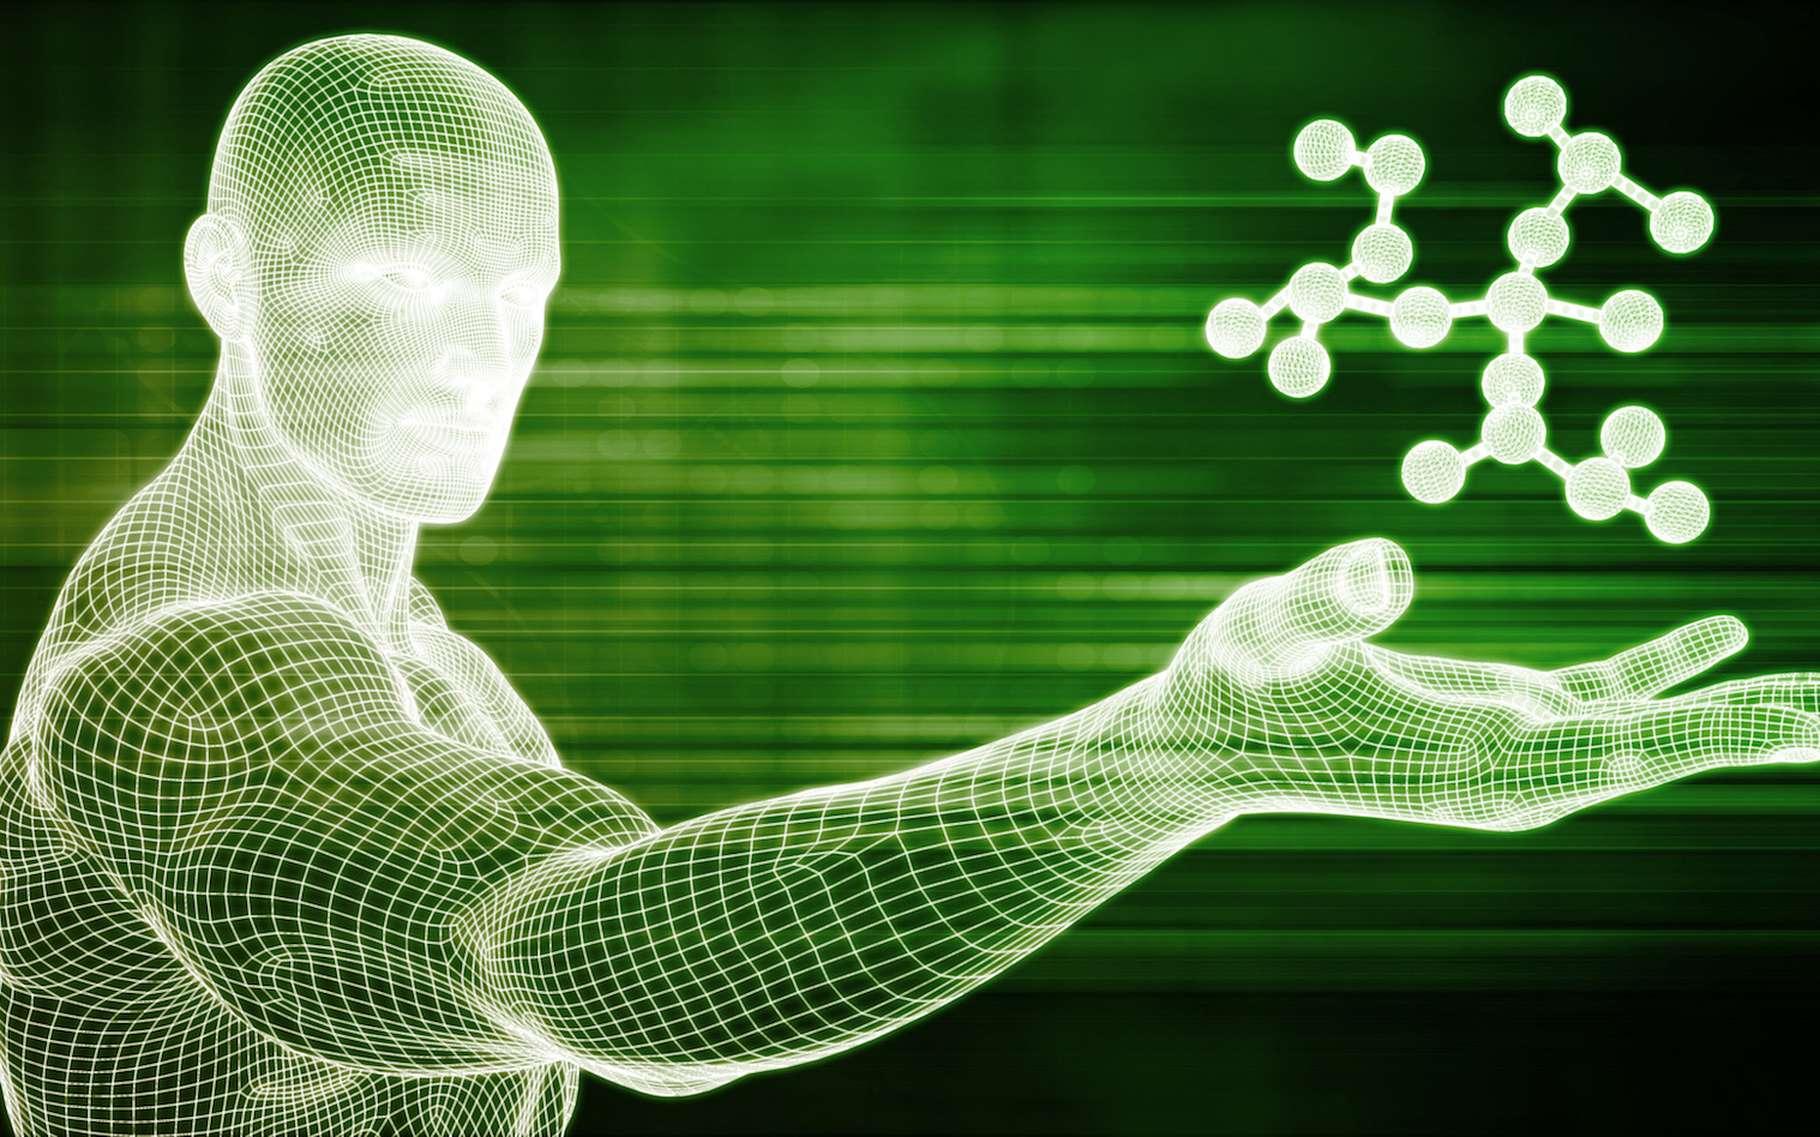 Des scientifiques britanniques ont mis au point une technique qui leur permet de manipuler et de contrôler des molécules uniques lors de réactions chimiques. © kentoh, Fotolia